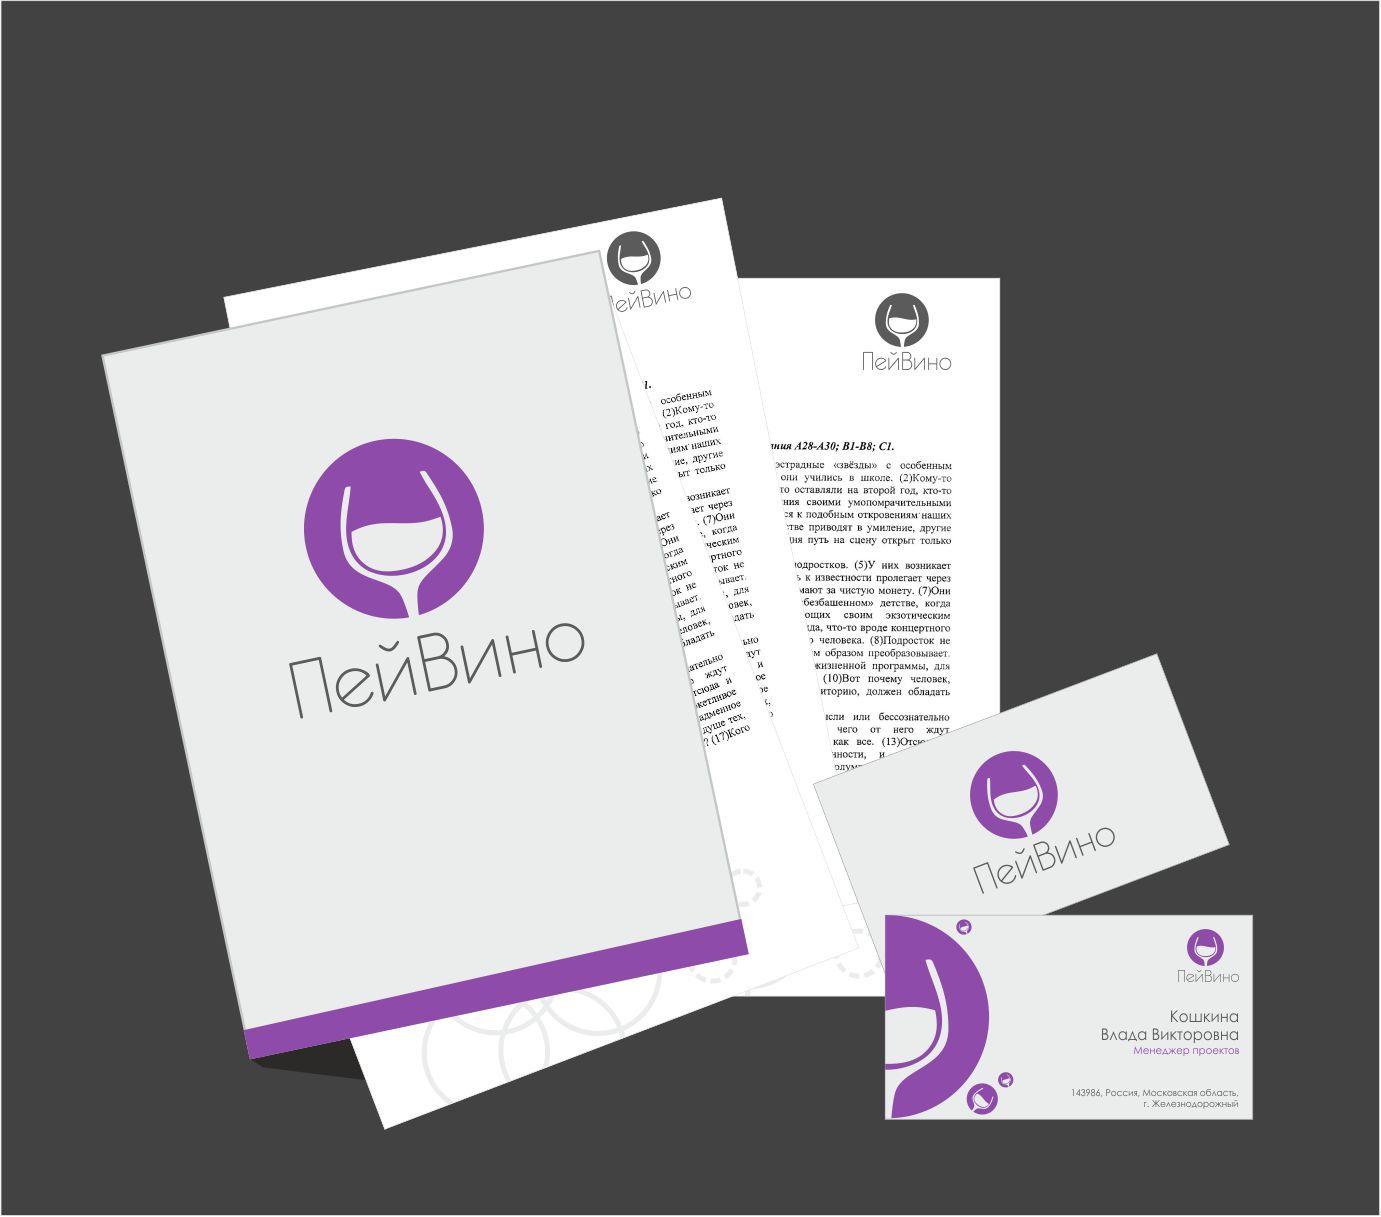 Фирменный стиль для компании Пейвино - дизайнер DaryaVladi